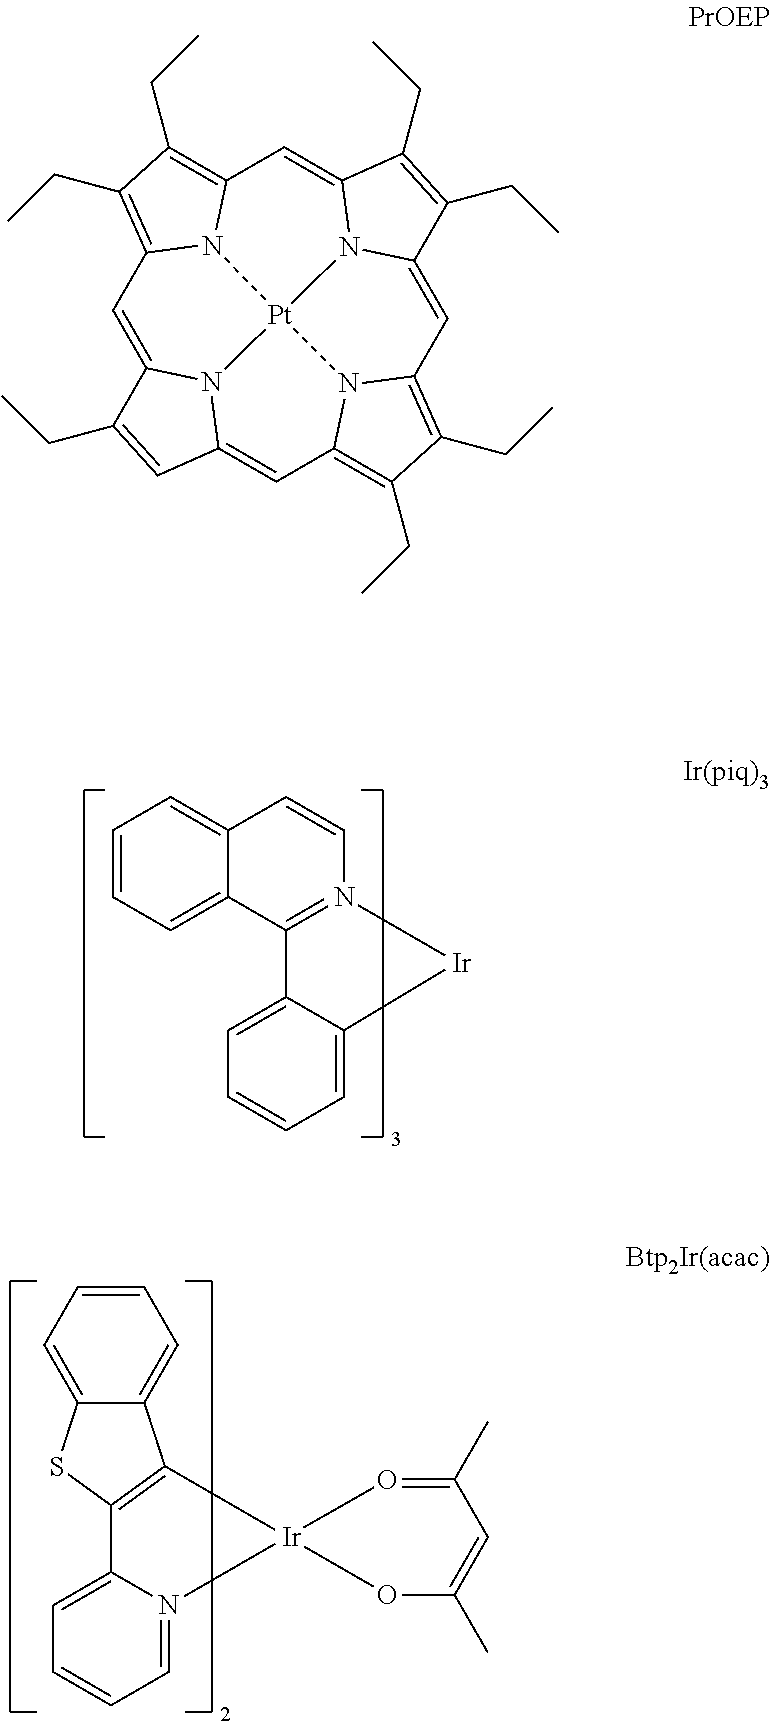 Figure US20110215308A1-20110908-C00017